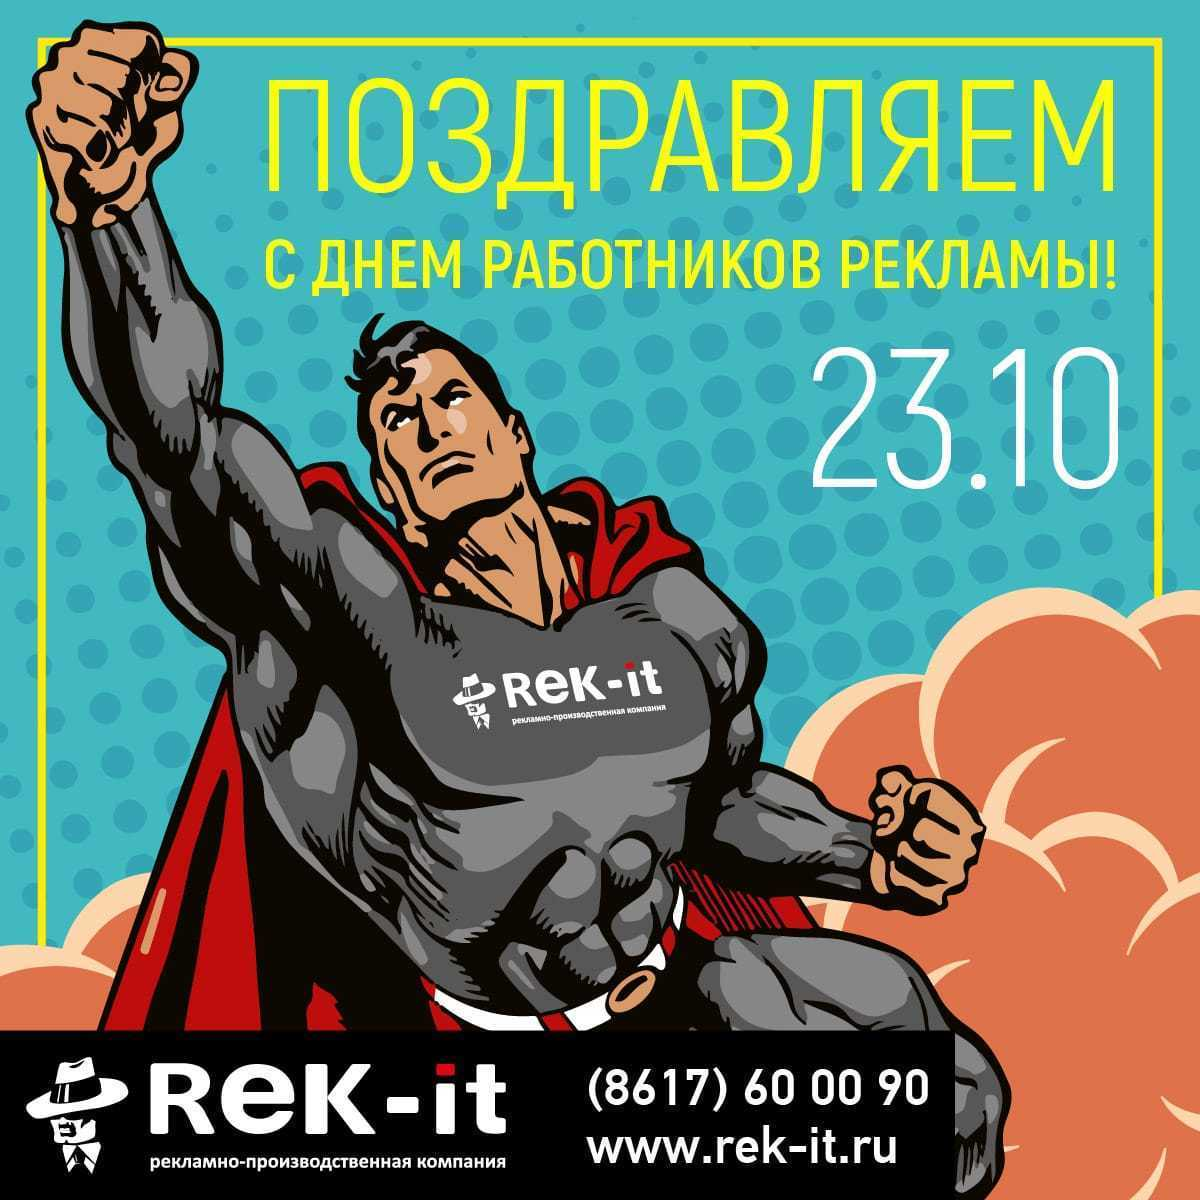 Компания «Rek-it» поздравляет новороссийцев с днём рекламщика